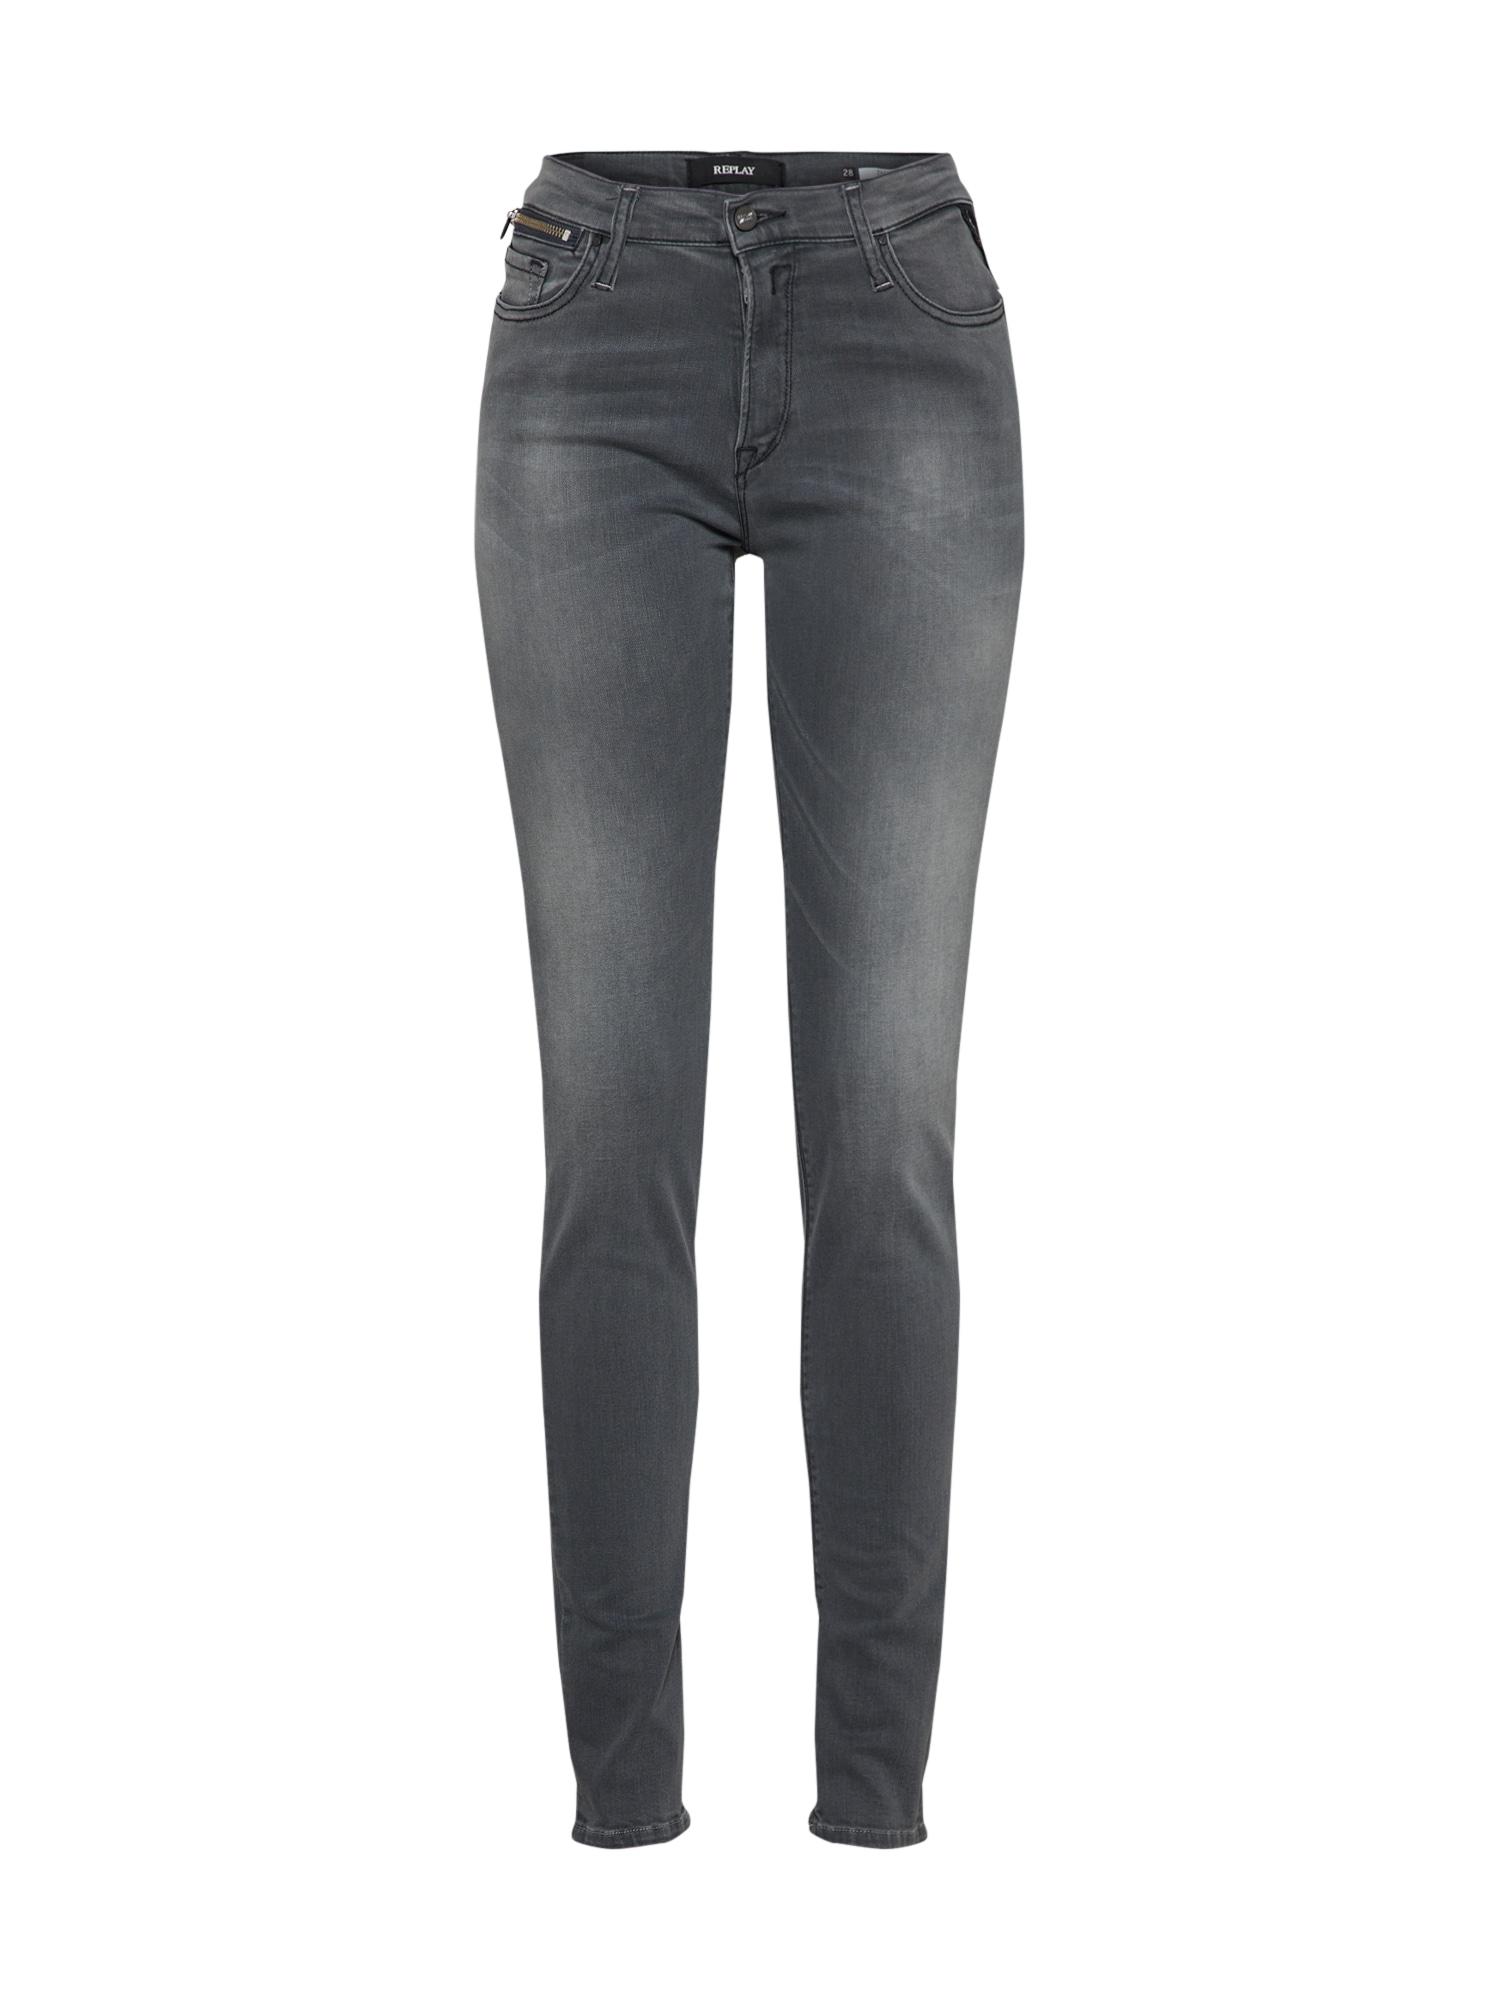 REPLAY Dames Jeans ELAEBER grey denim